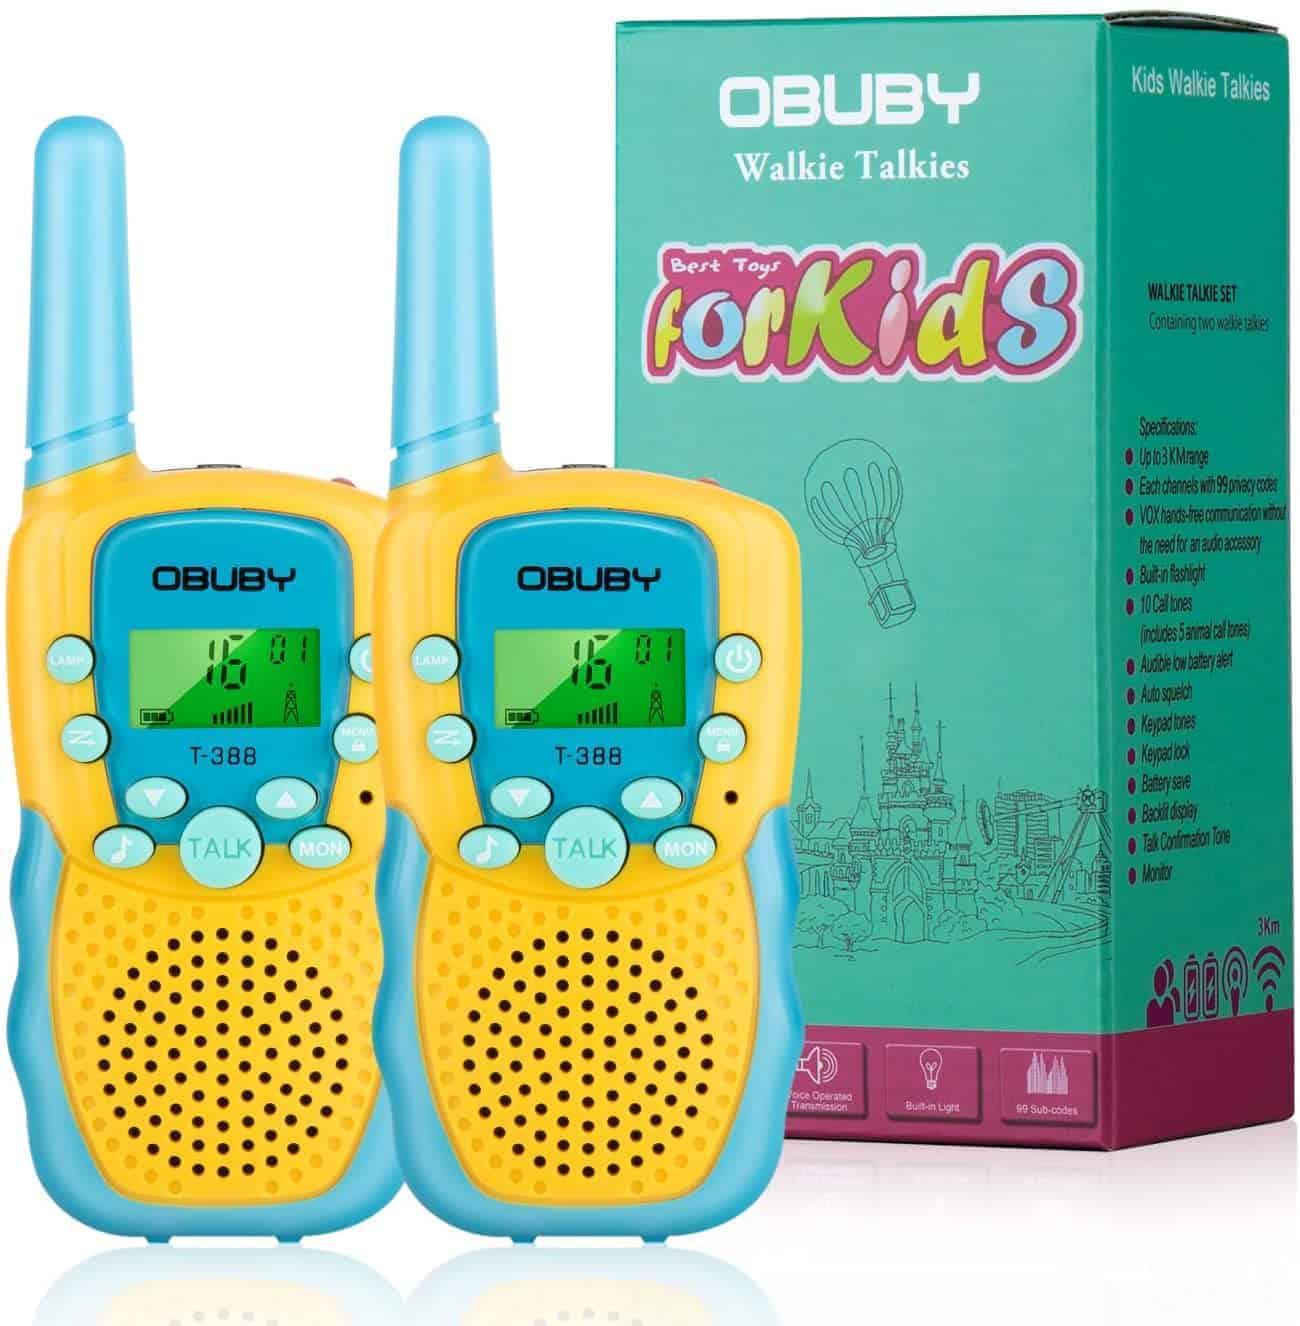 walkie-talkies-for-kids